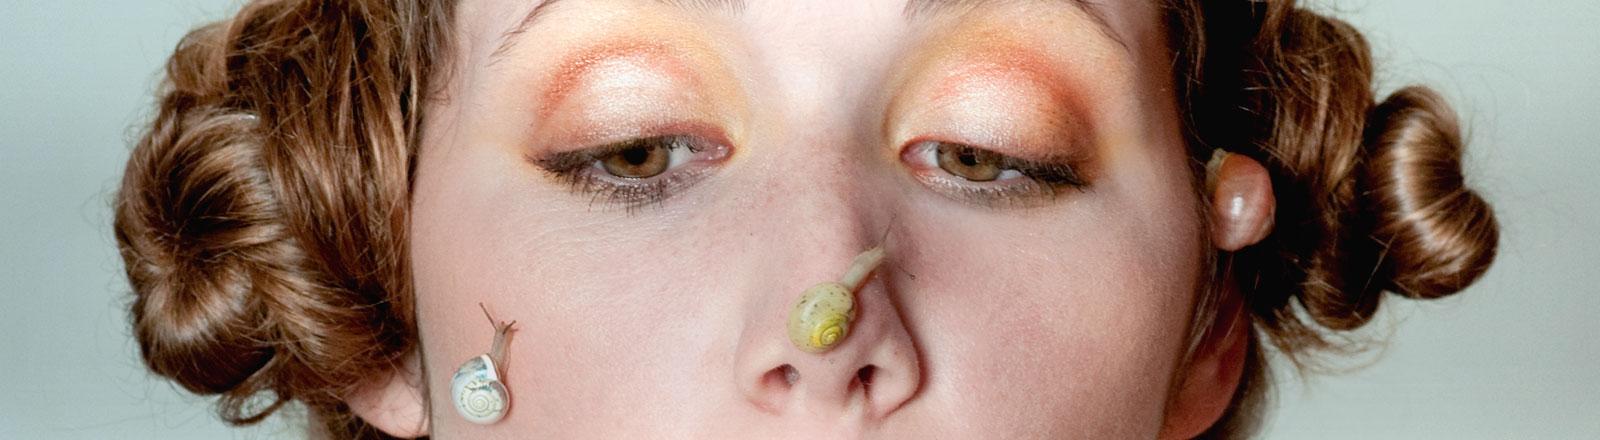 Eine Frau hat Schnecken auf ihrem Gesicht sitzen.